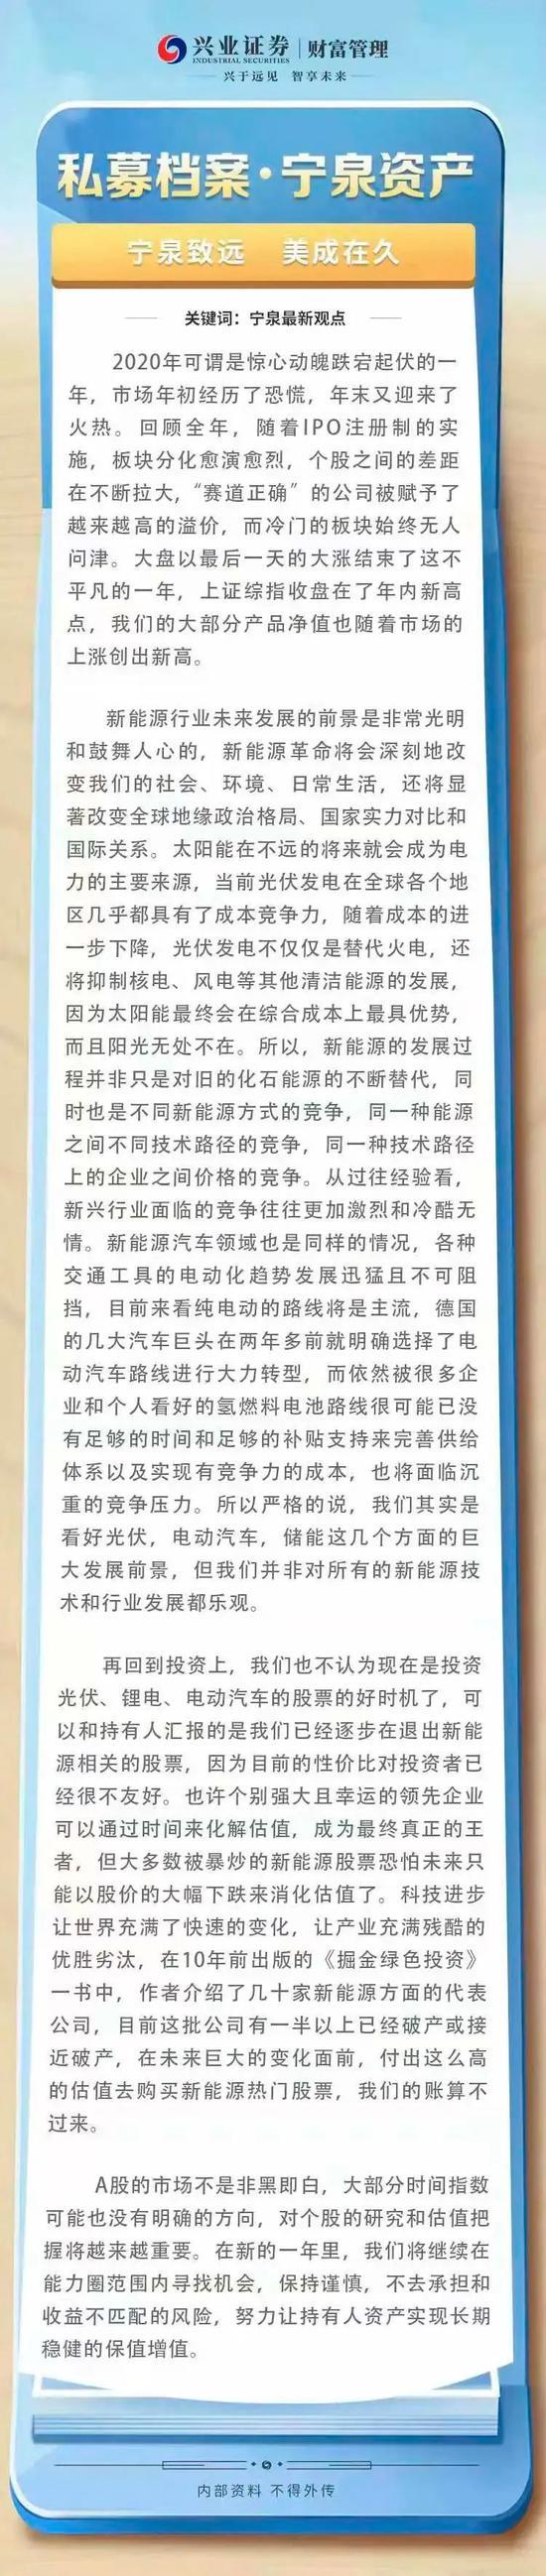 宁泉资产罕见看空新能源 近期多位基金经理对新能源表达了谨慎